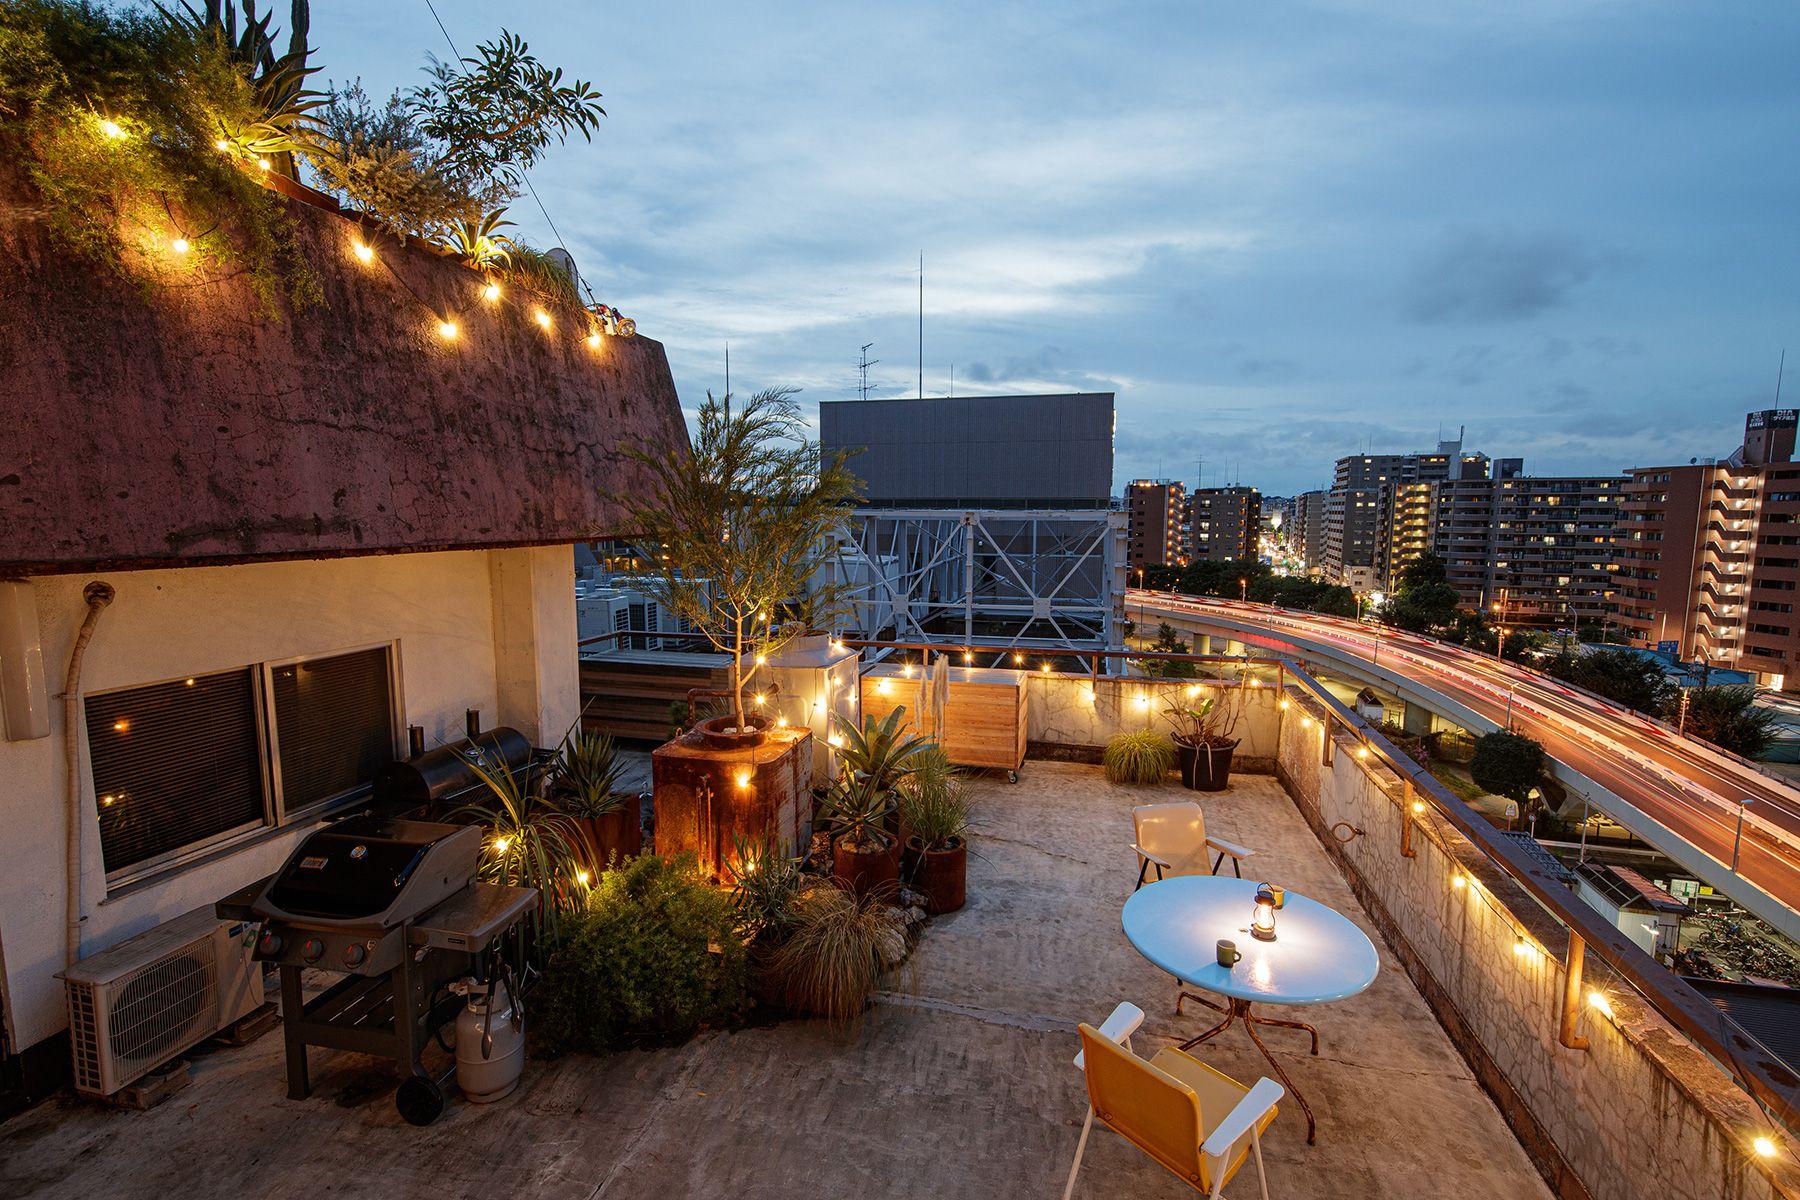 ROOVICE/オフィス (ルーヴィス)8F 屋上テラス 夜景